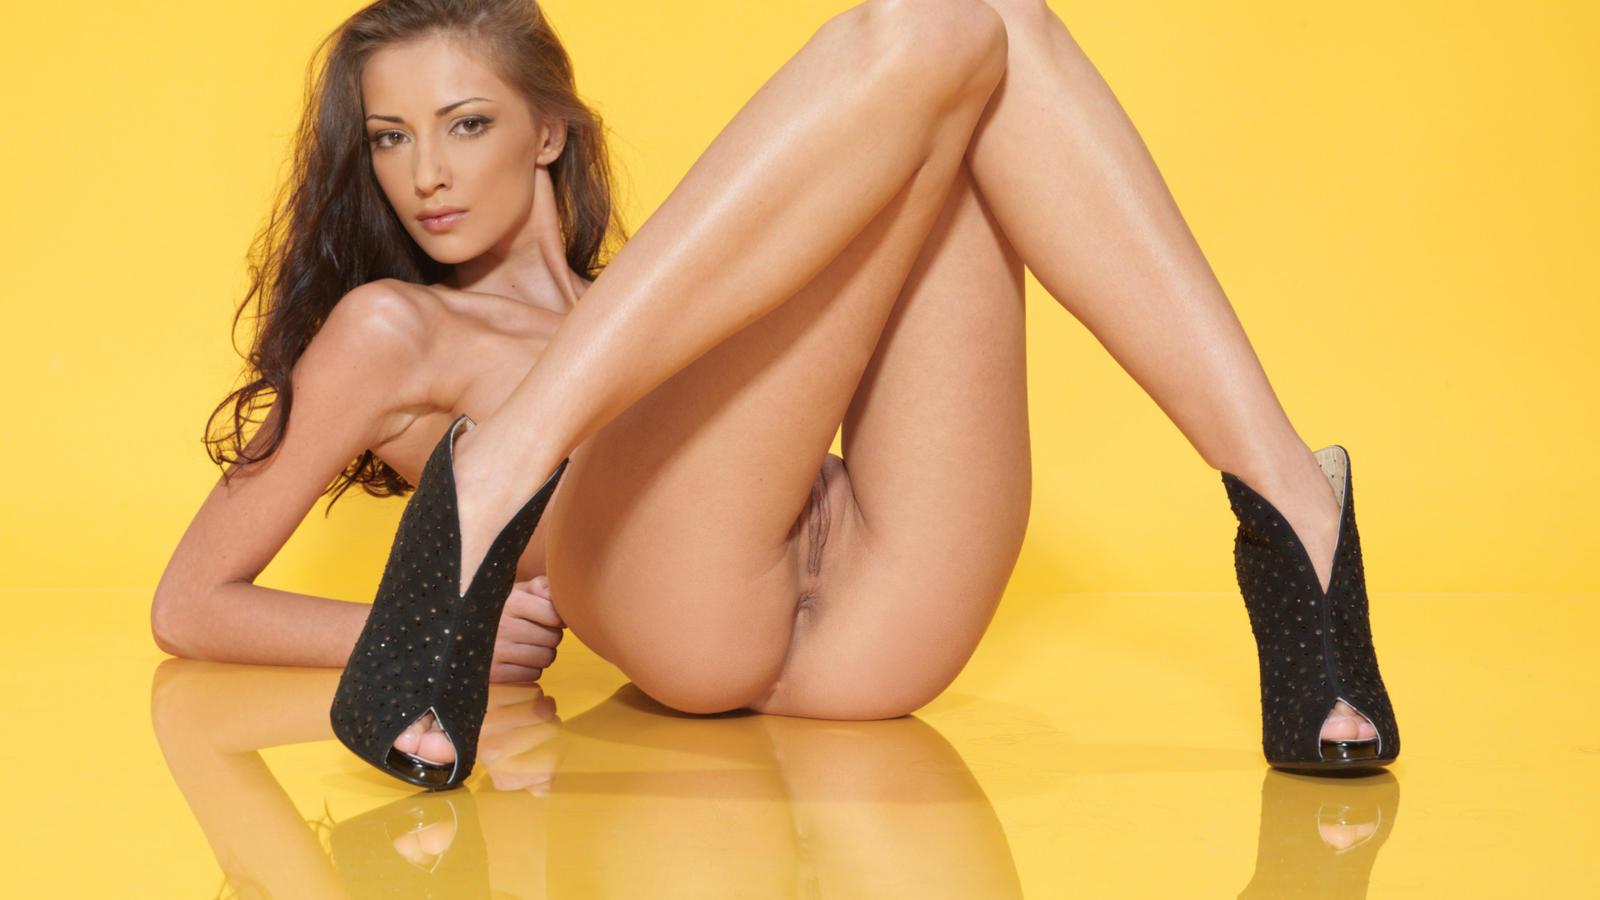 Eufrat - Sexy Brunette Czech Adult Model (263 Links)